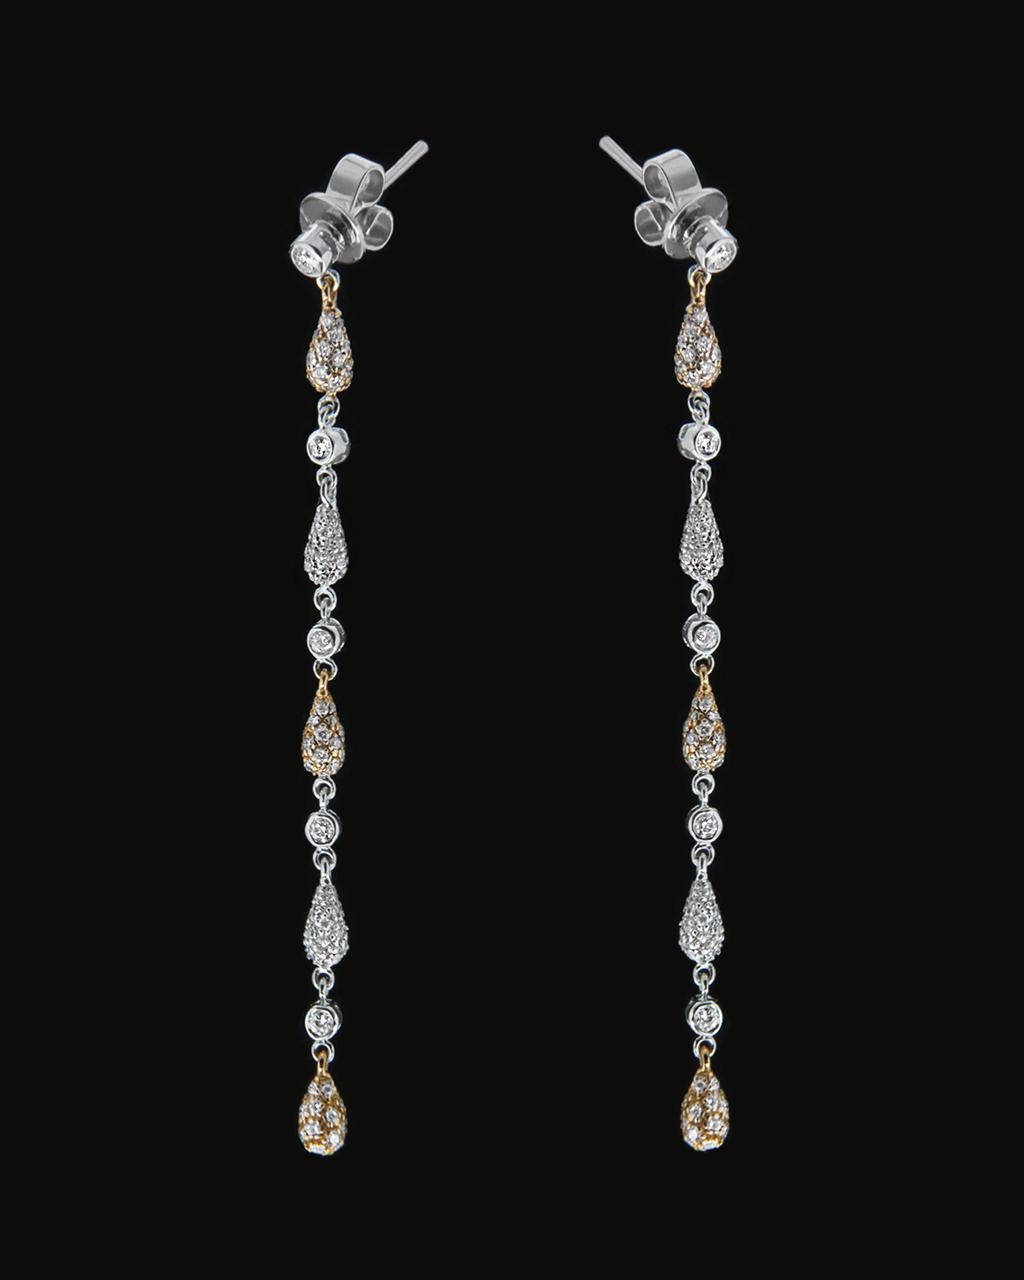 Σκουλαρίκια λευκόχρυσα & ροζ χρυσά Κ18 με Διαμάντια   ζησε το μυθο νυφικό κόσμημα